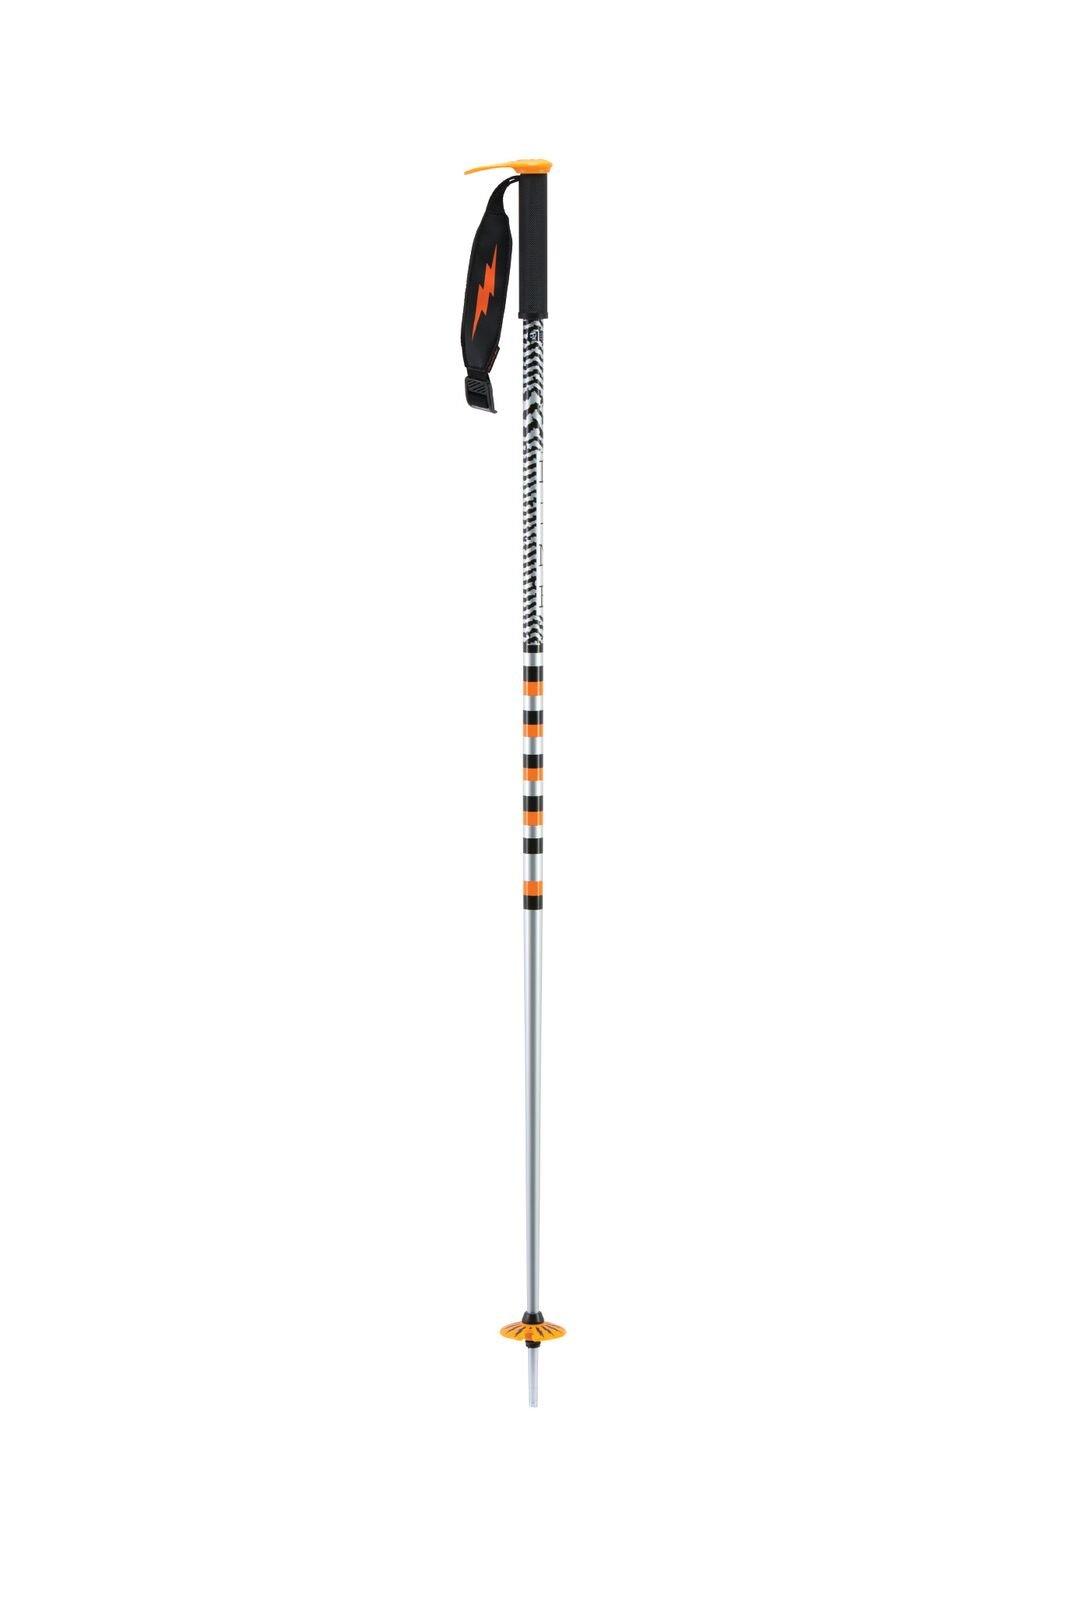 Line Pin Poles